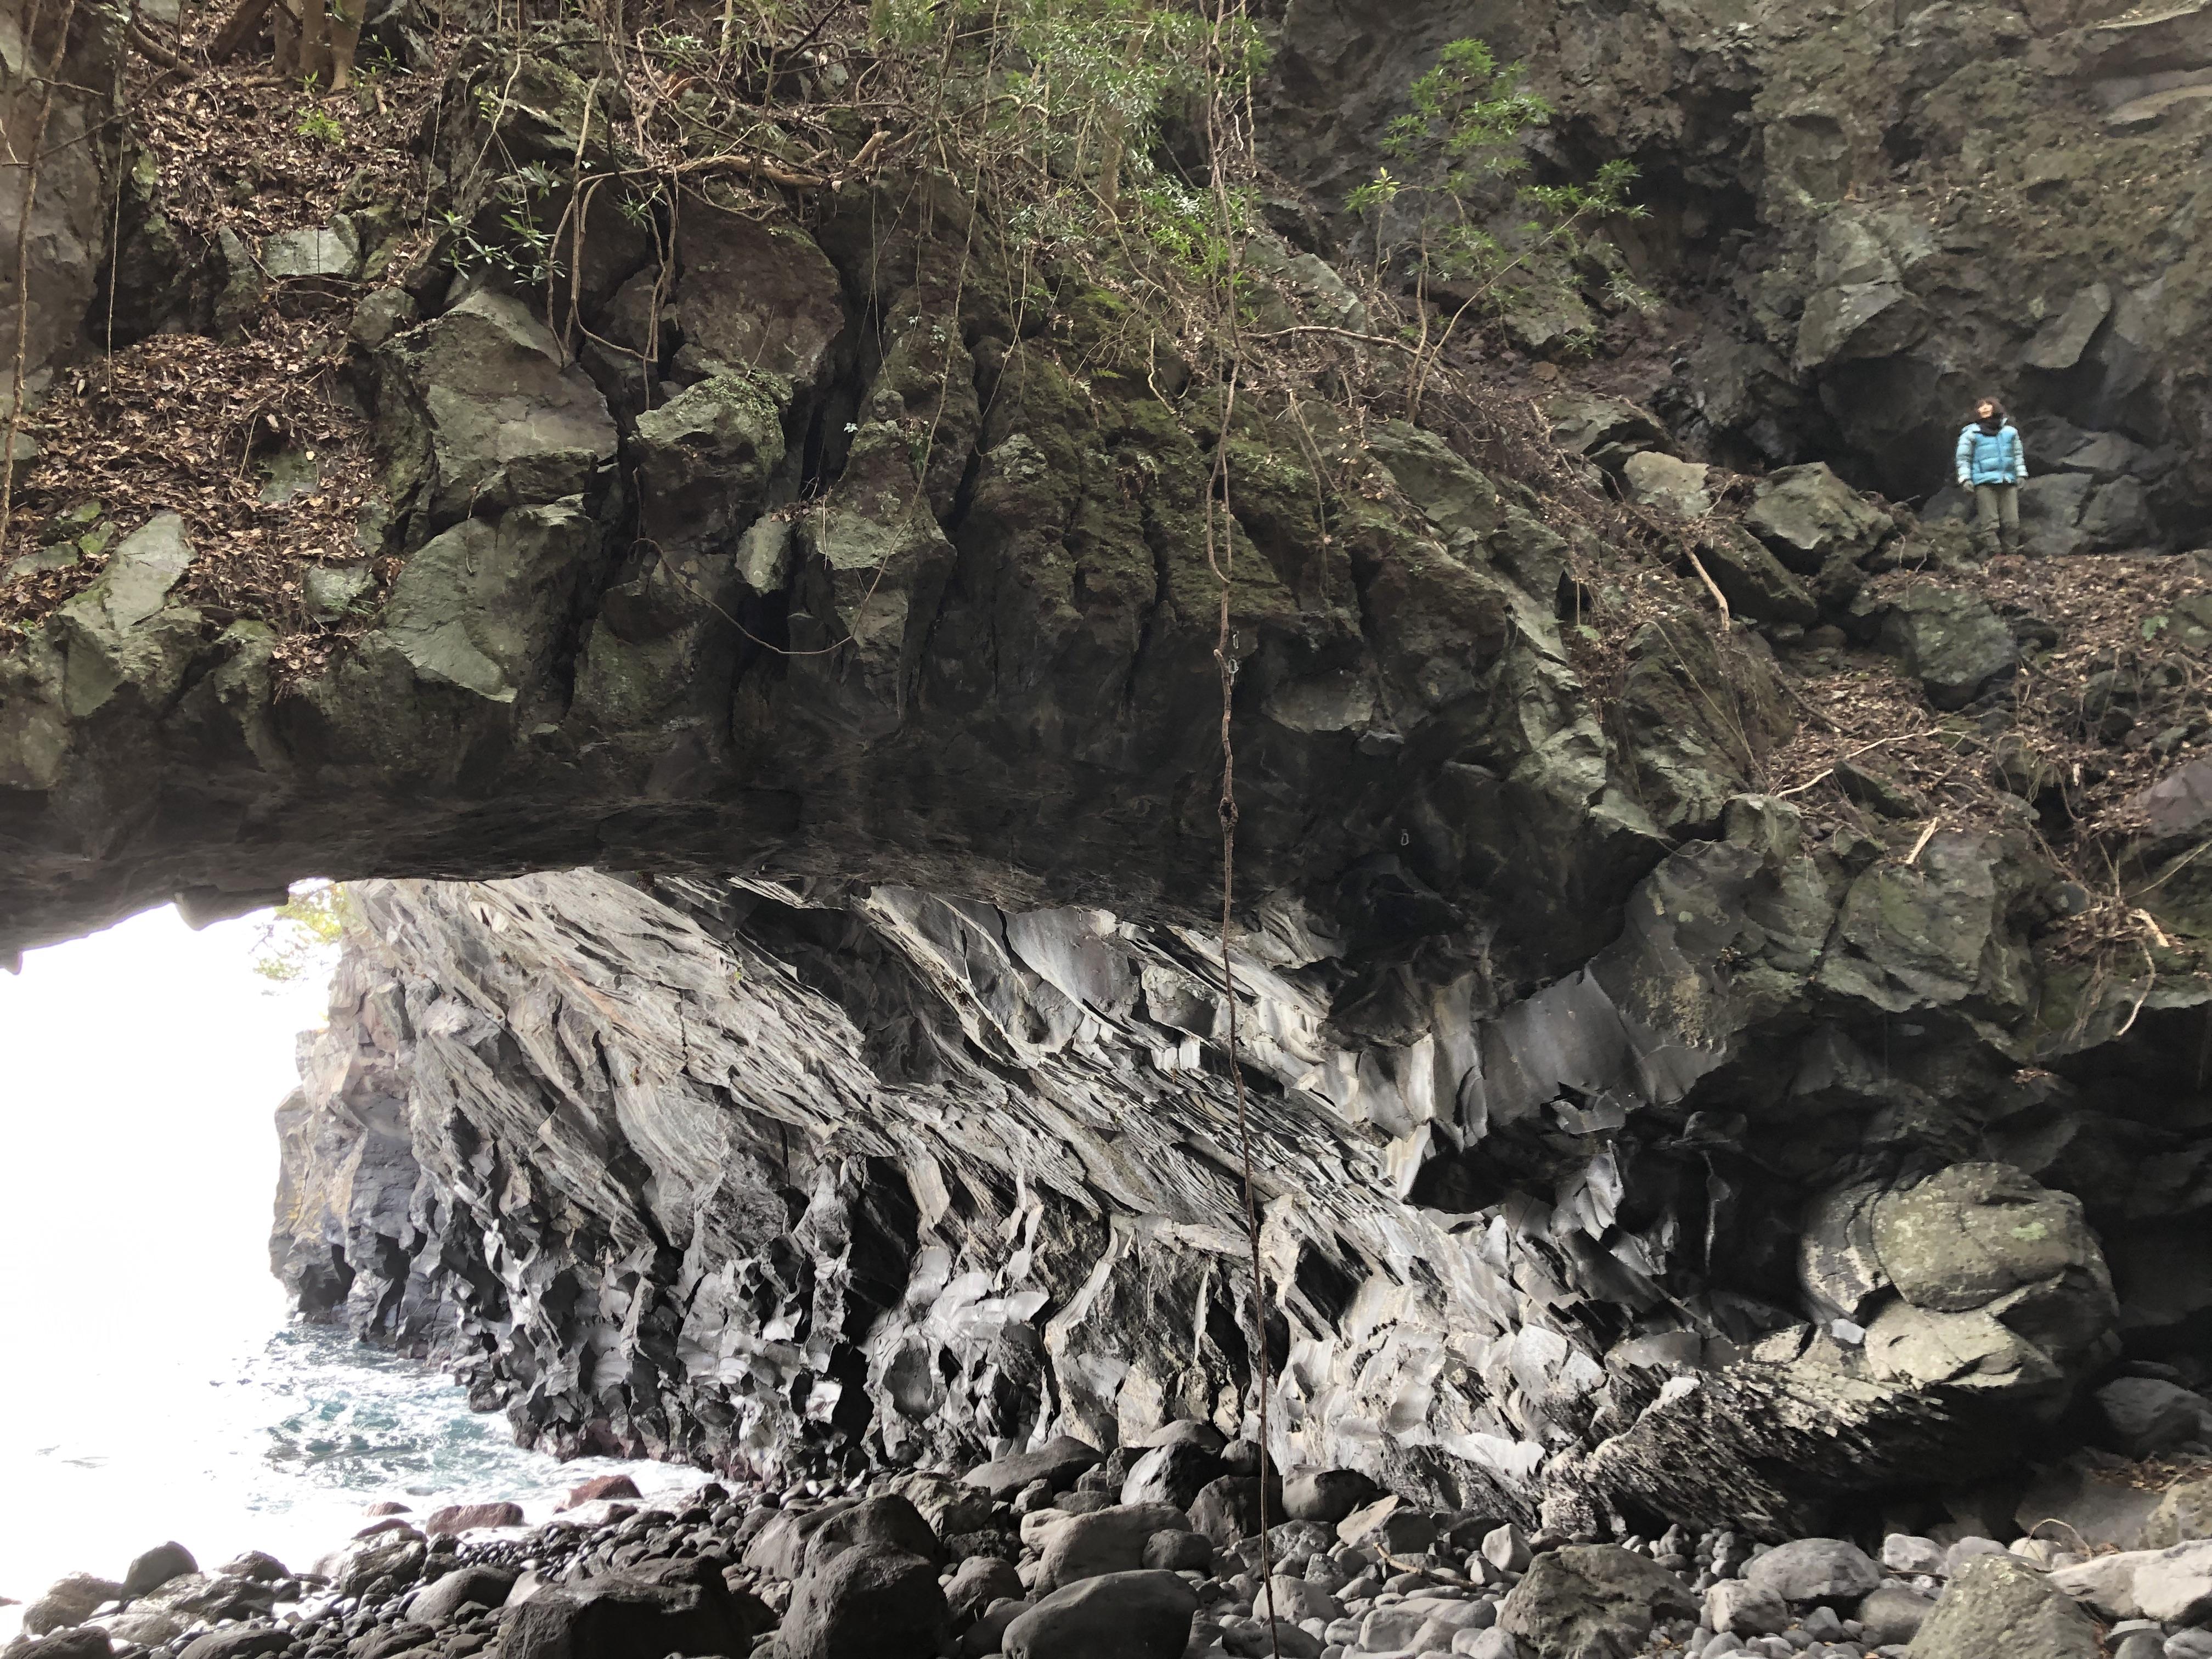 城ヶ崎に始まり城ヶ崎に終わった19年1月 ブリザードを登った